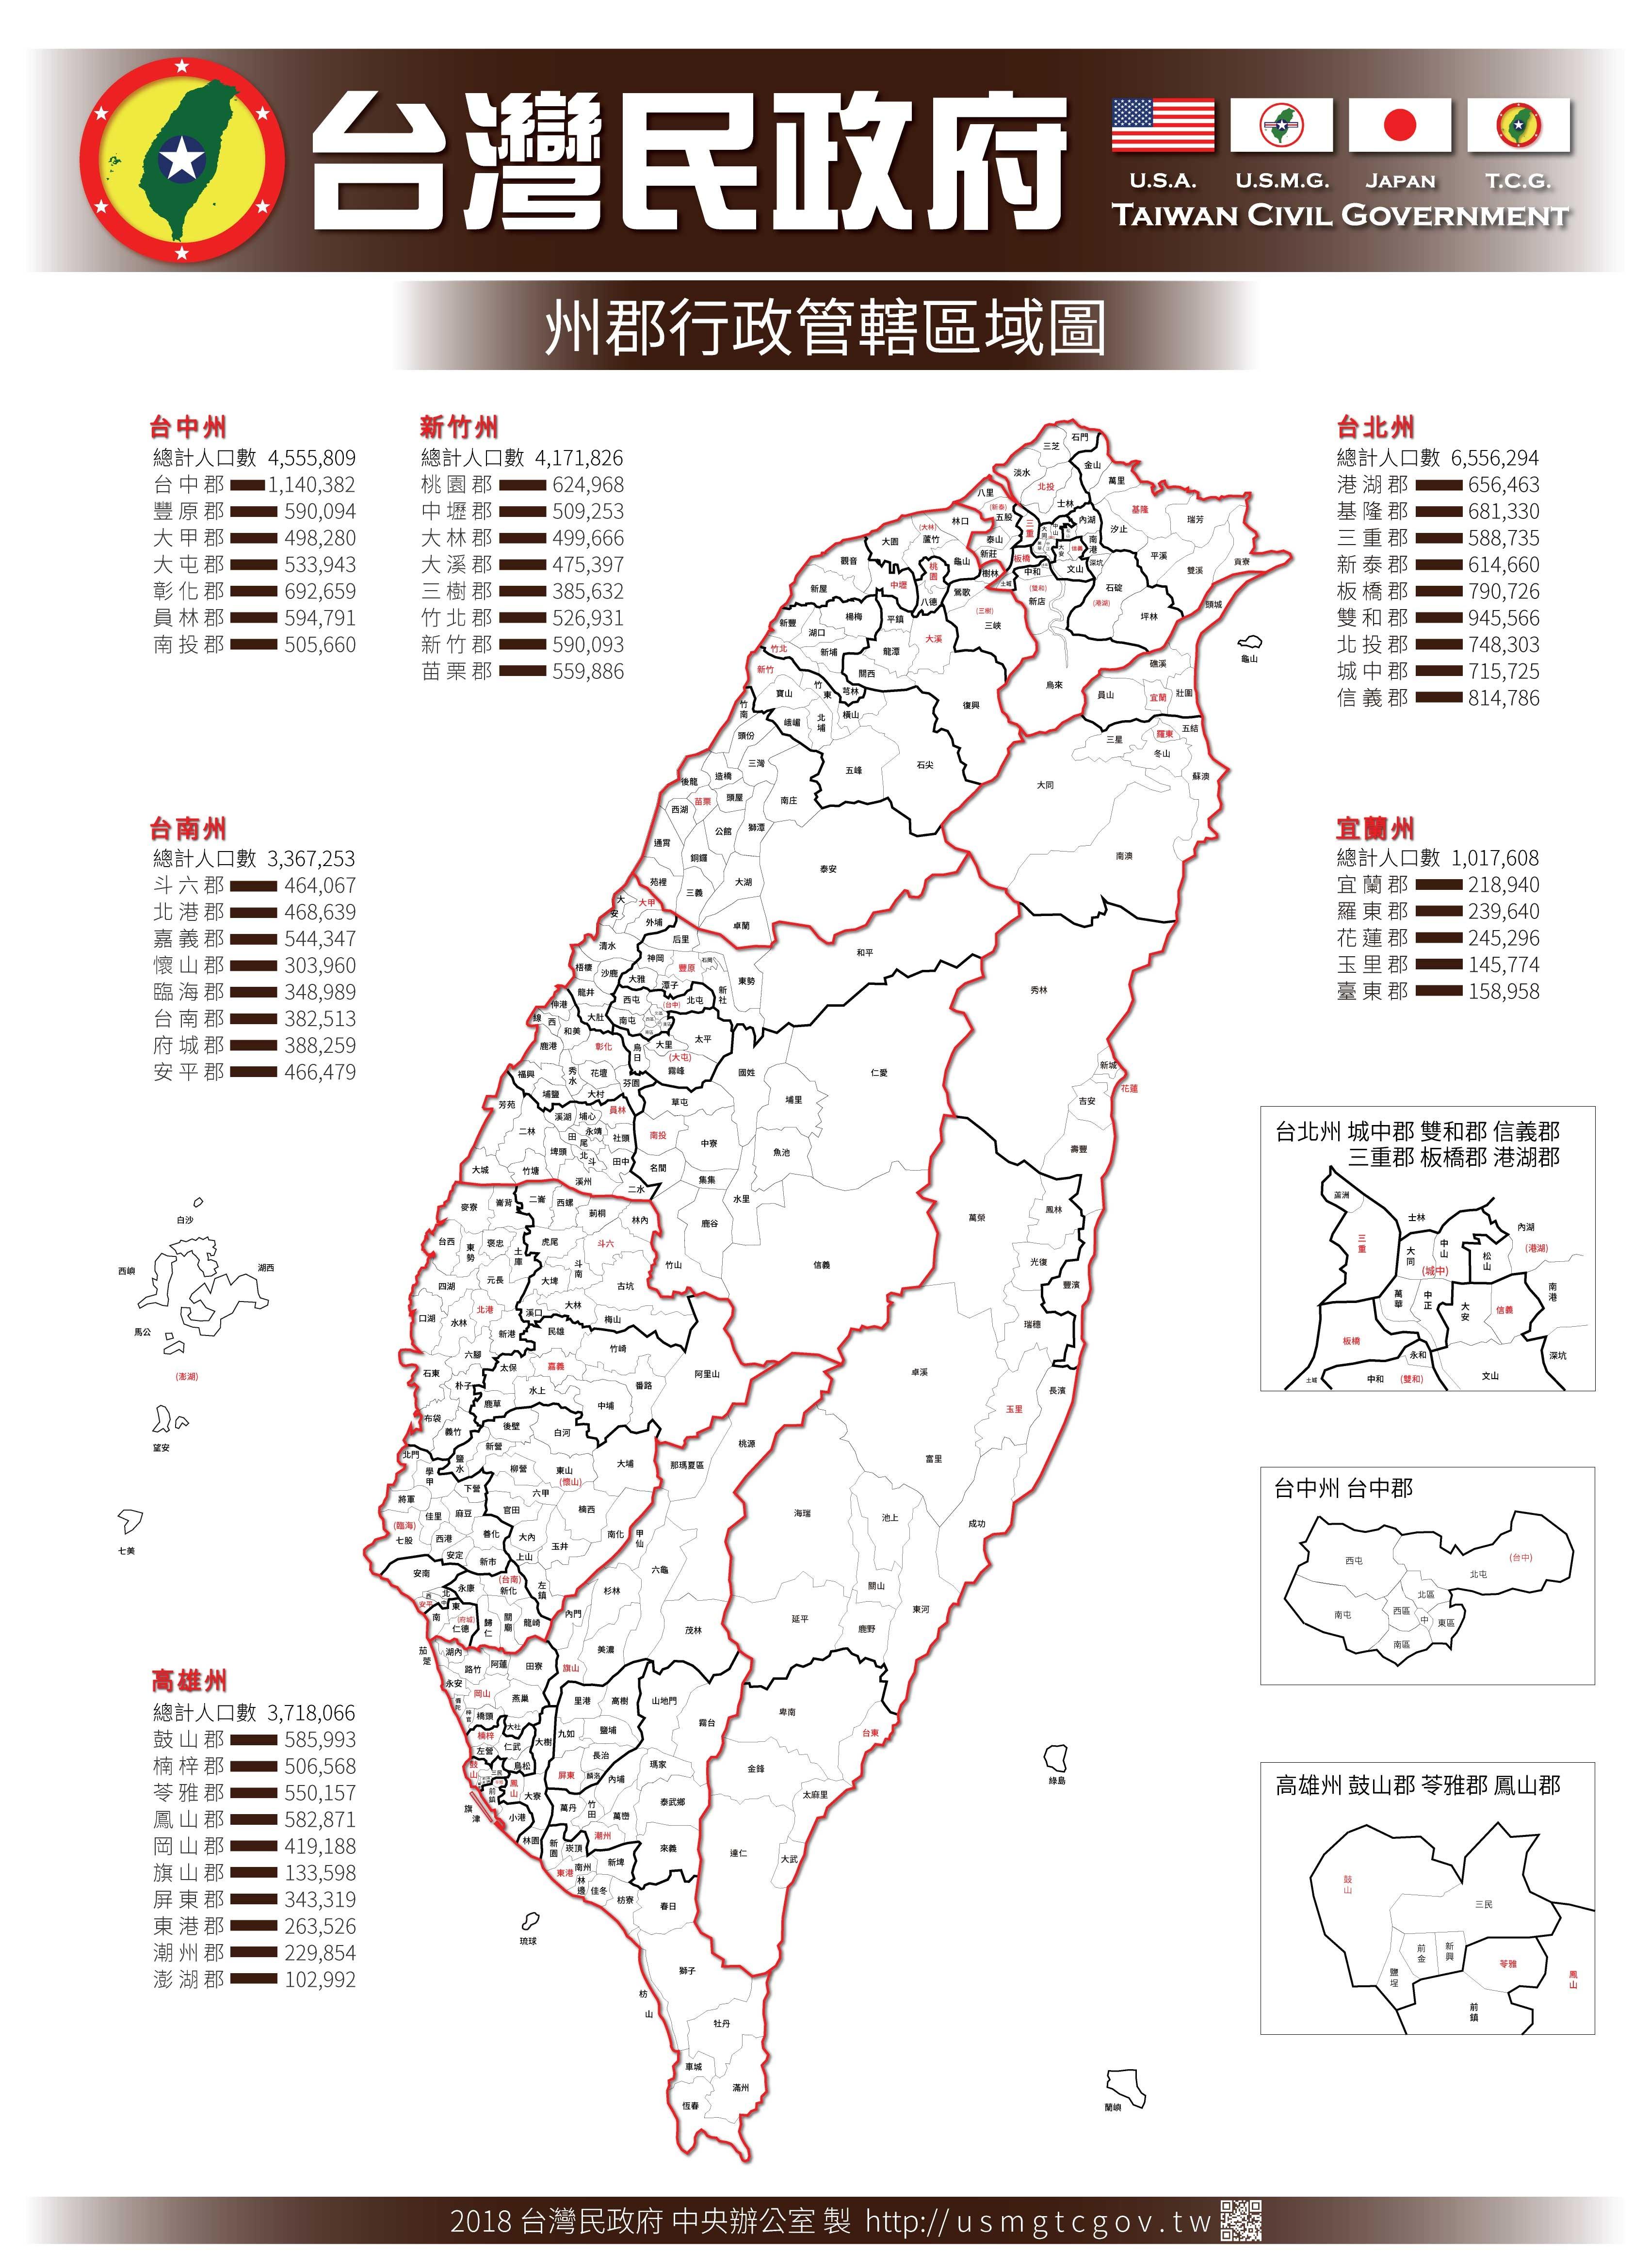 台灣民政府行政區域圖。(圖/翻攝台灣民政府網站)